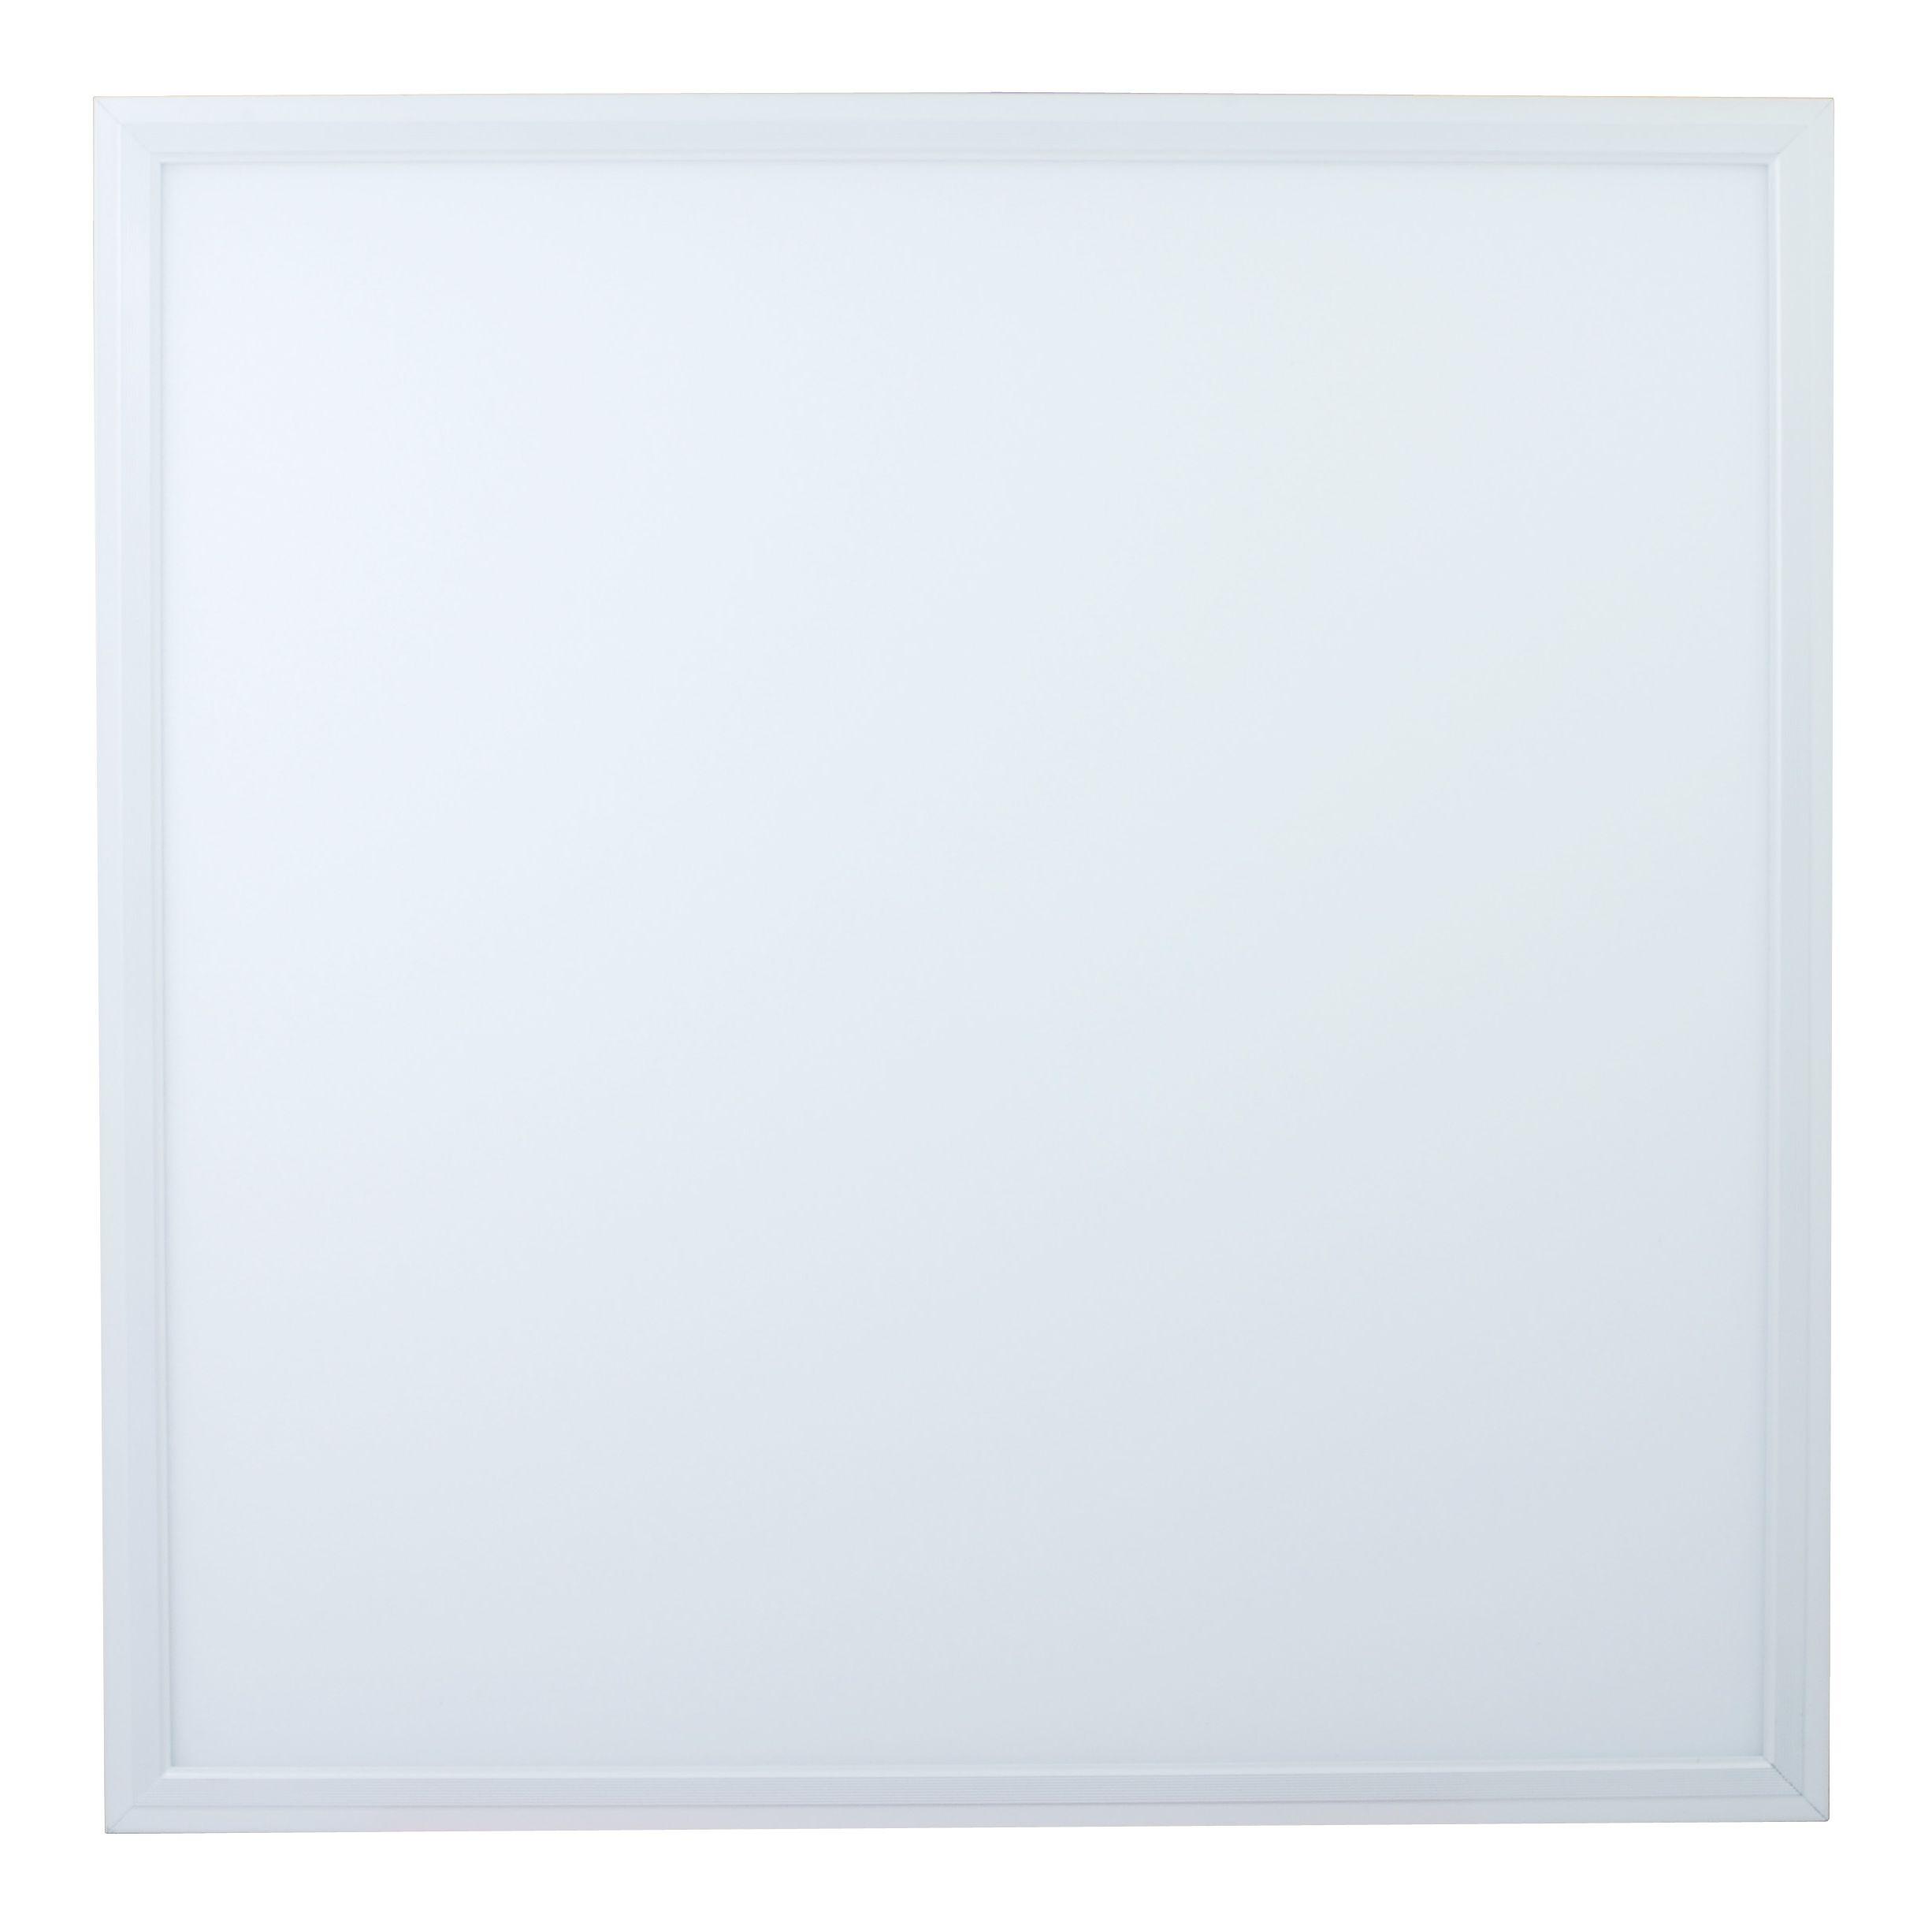 LED Solution Bílý podhledový LED panel 600 x 600mm 40W Premium BEZ OBALU Barva světla: Teplá bílá VYP2